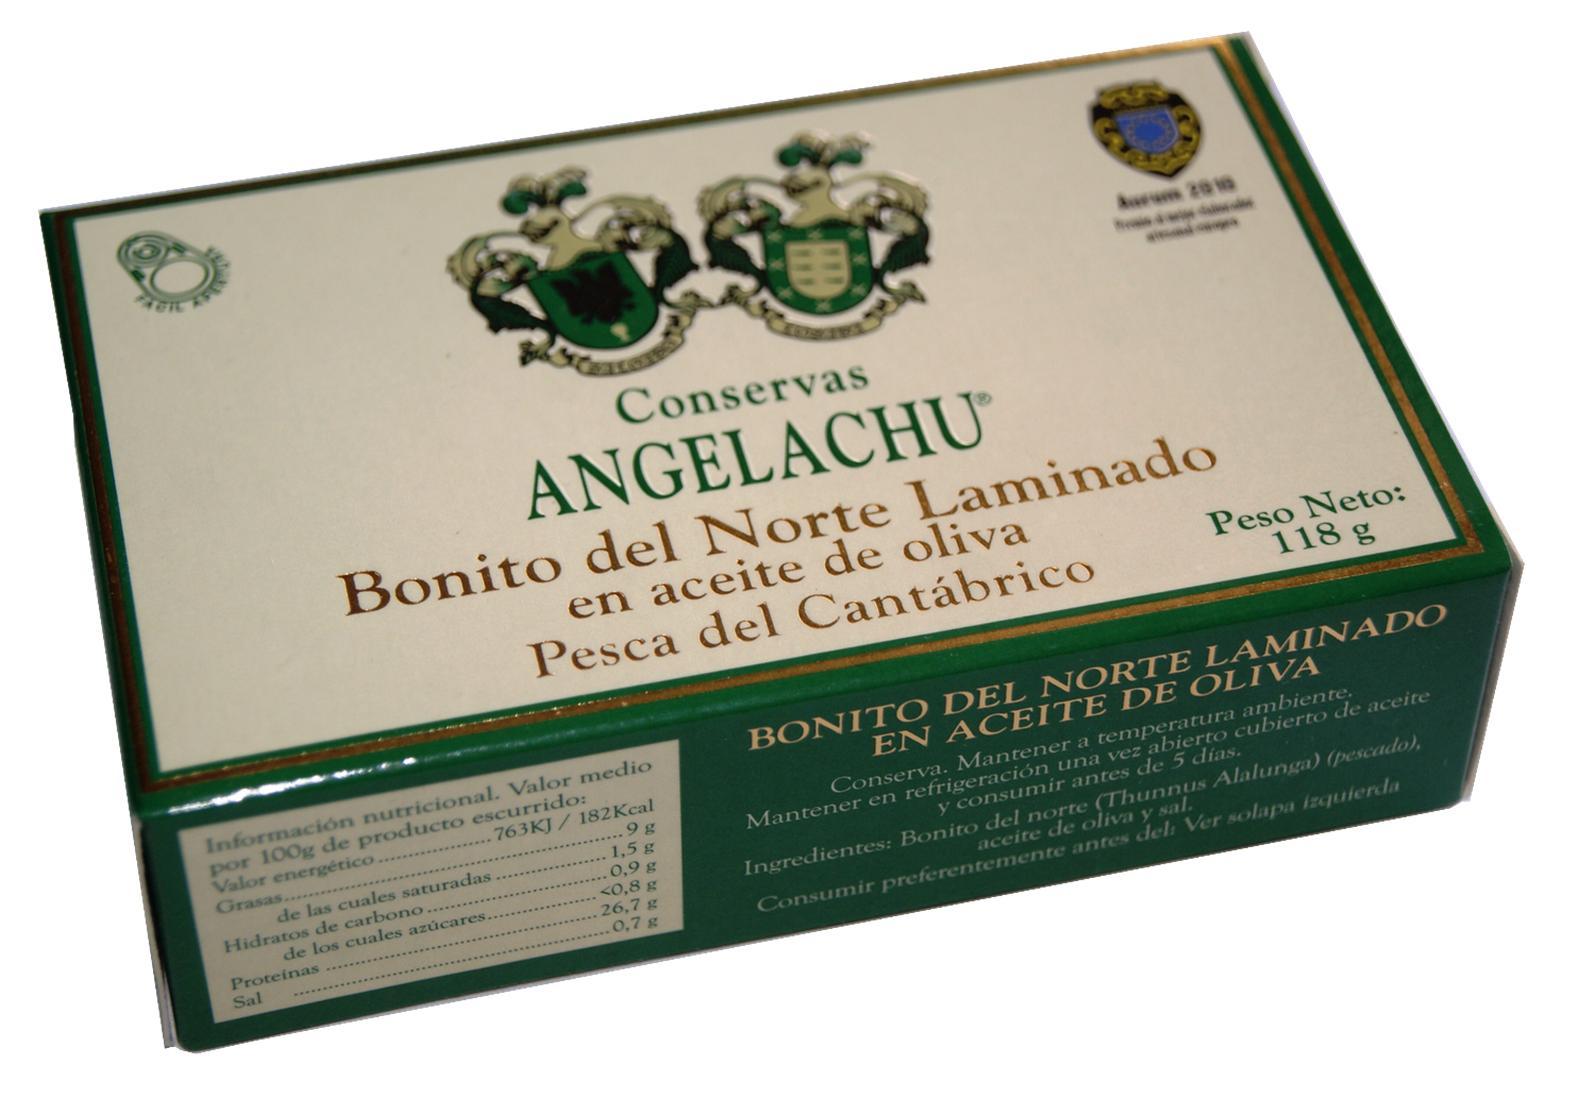 Thon bonito del norte en lamelles boite - Angelachu - Conserves d'anchois de Santoña - Cantabrie